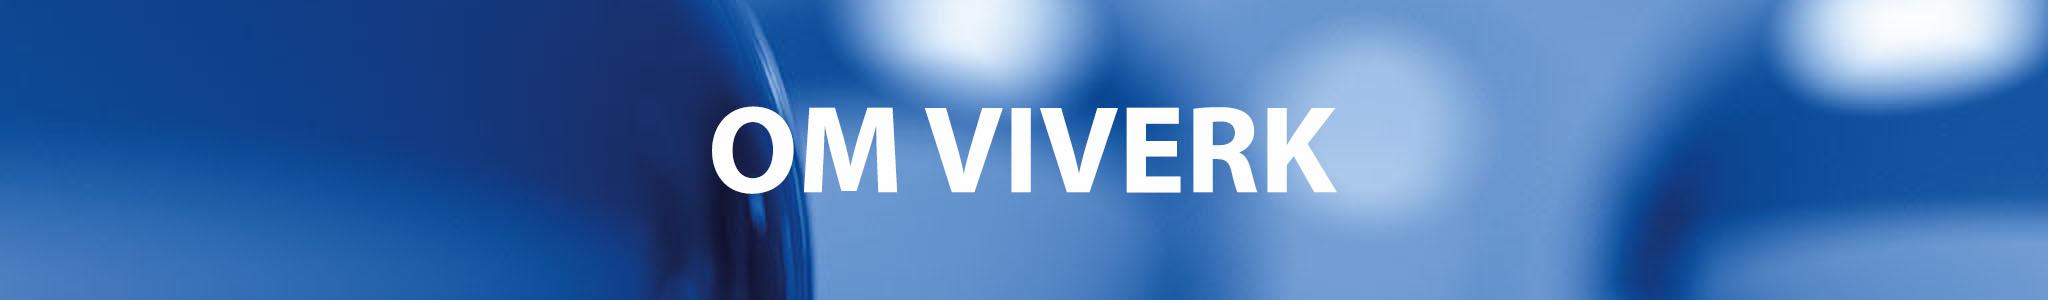 Om Viverk